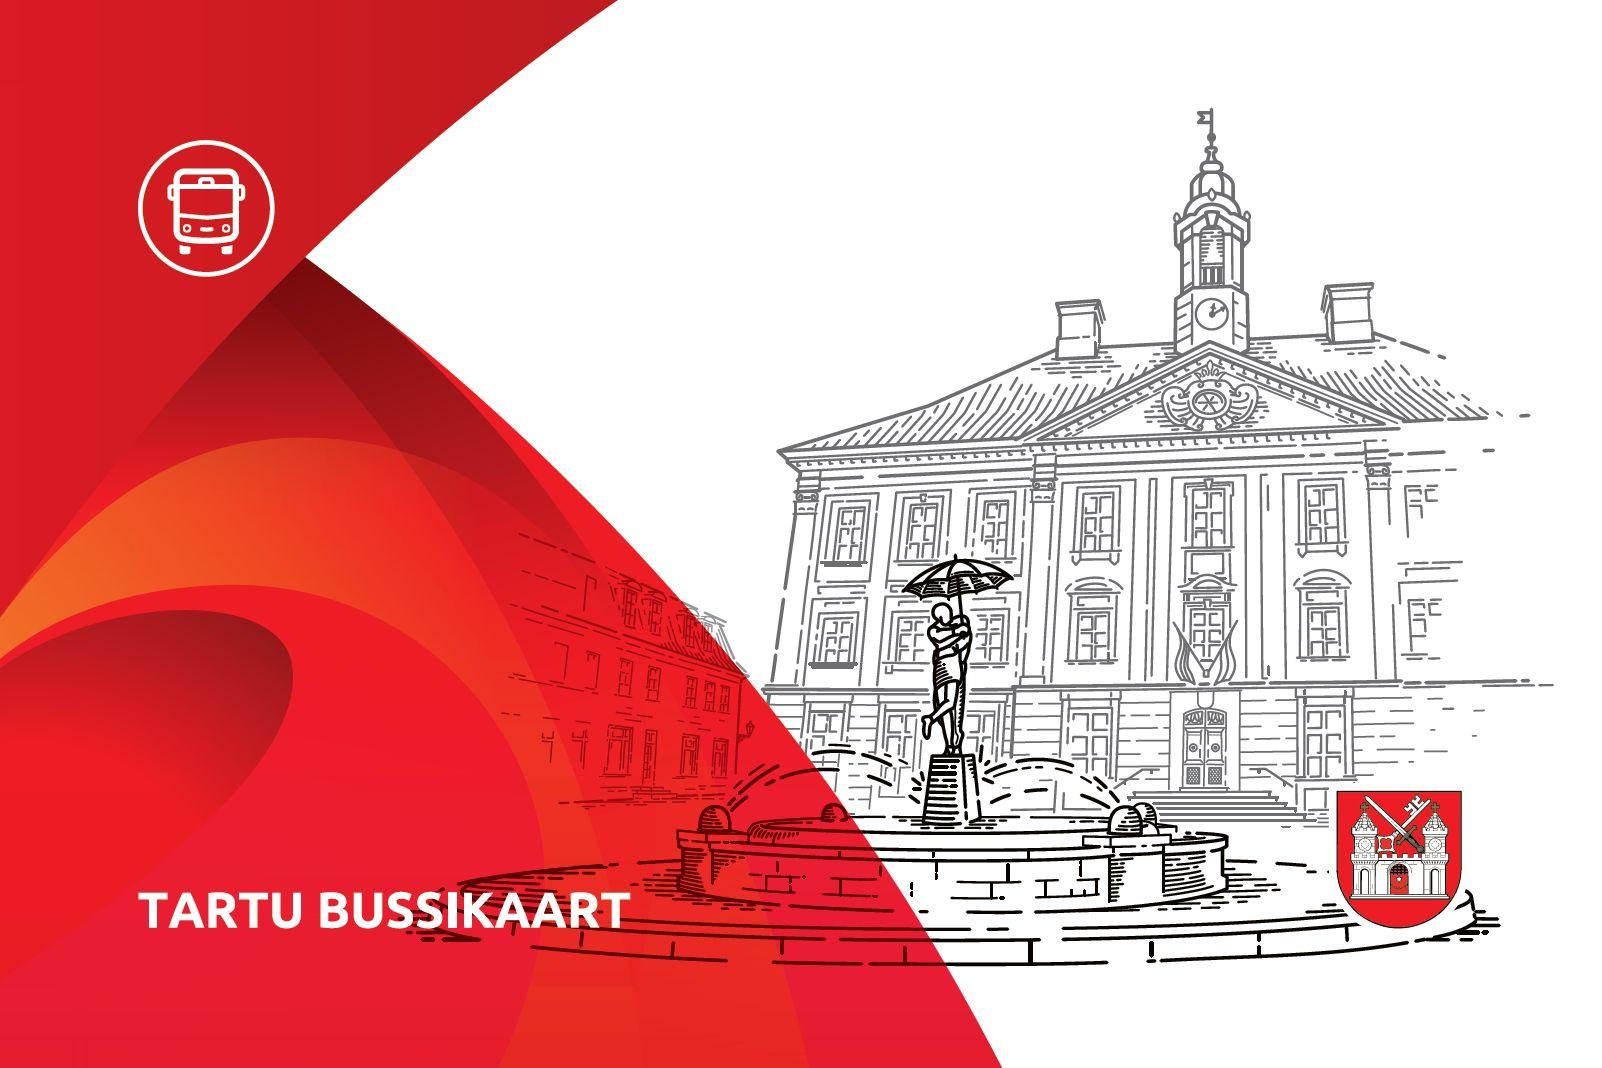 31dc90c423f Tartu bussikaarti saab kasutada ka Tartumaal, Tallinnas, Pärnus, Narvas,  Rakveres, Sillamäel. Samuti Harju, Lääne-Viru, Hiiu, Saare, Pärnu, Valga ja  Põlva ...